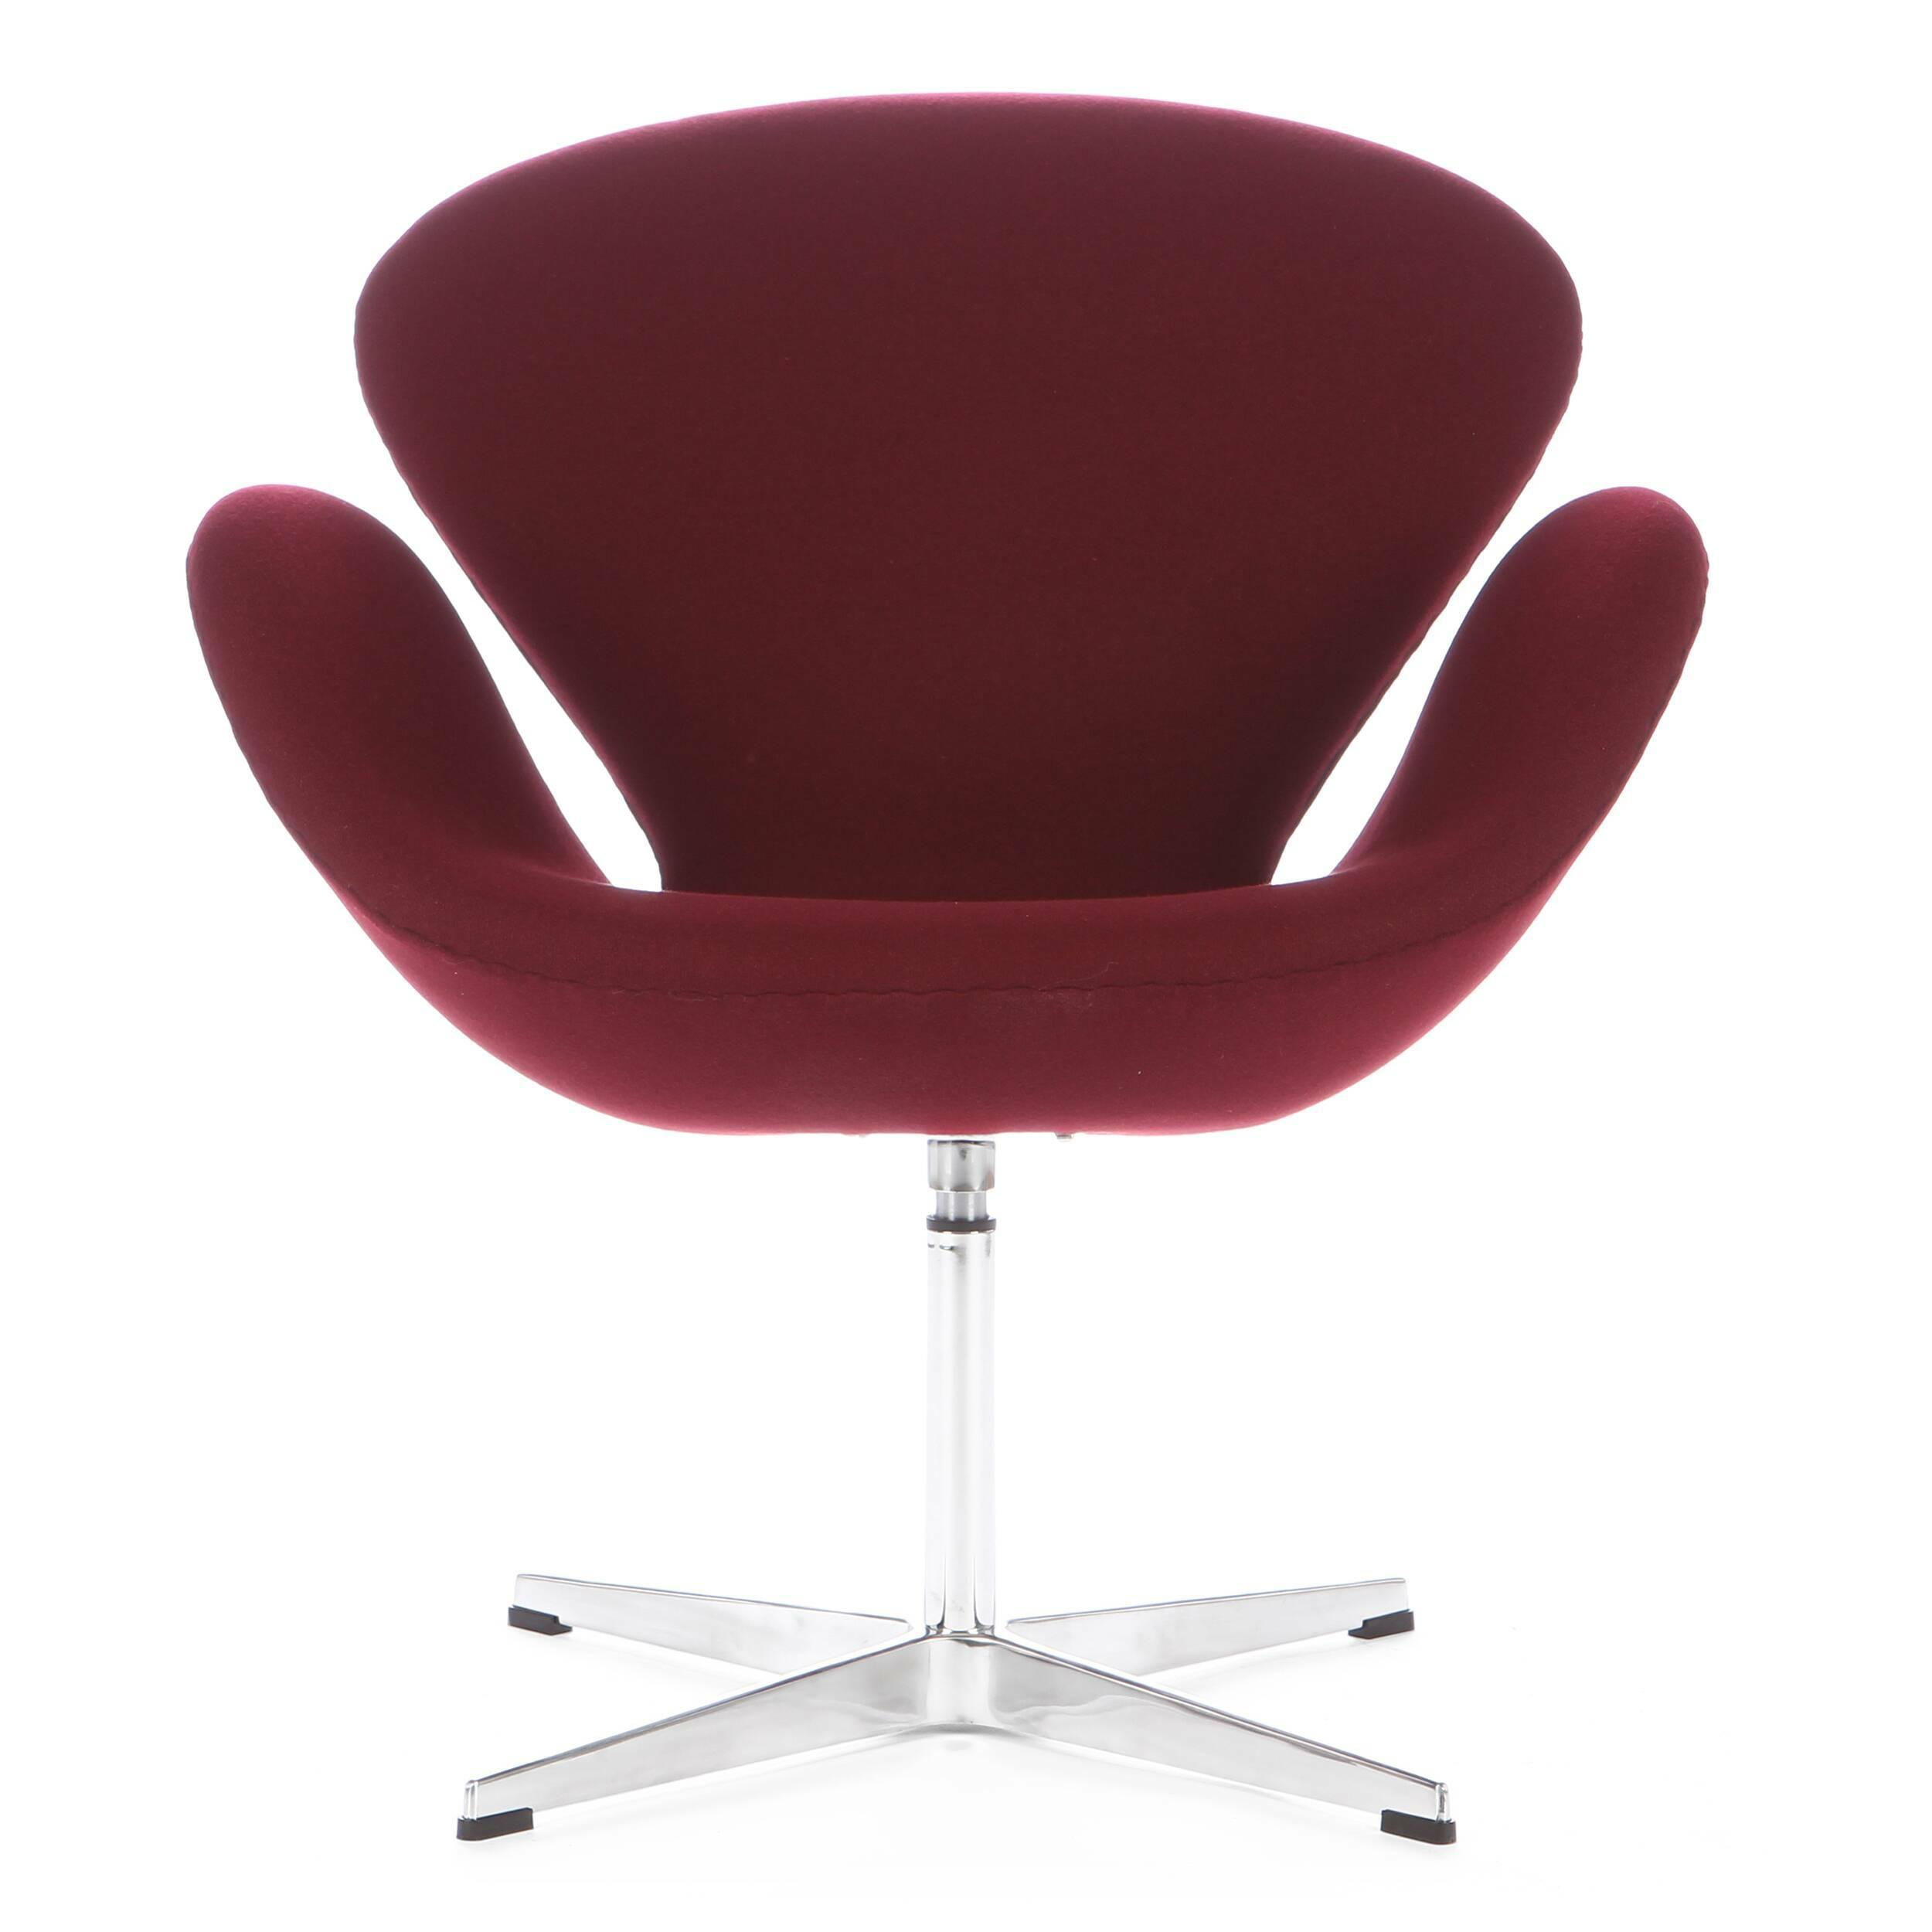 Кресло Cosmo 15580936 от Cosmorelax